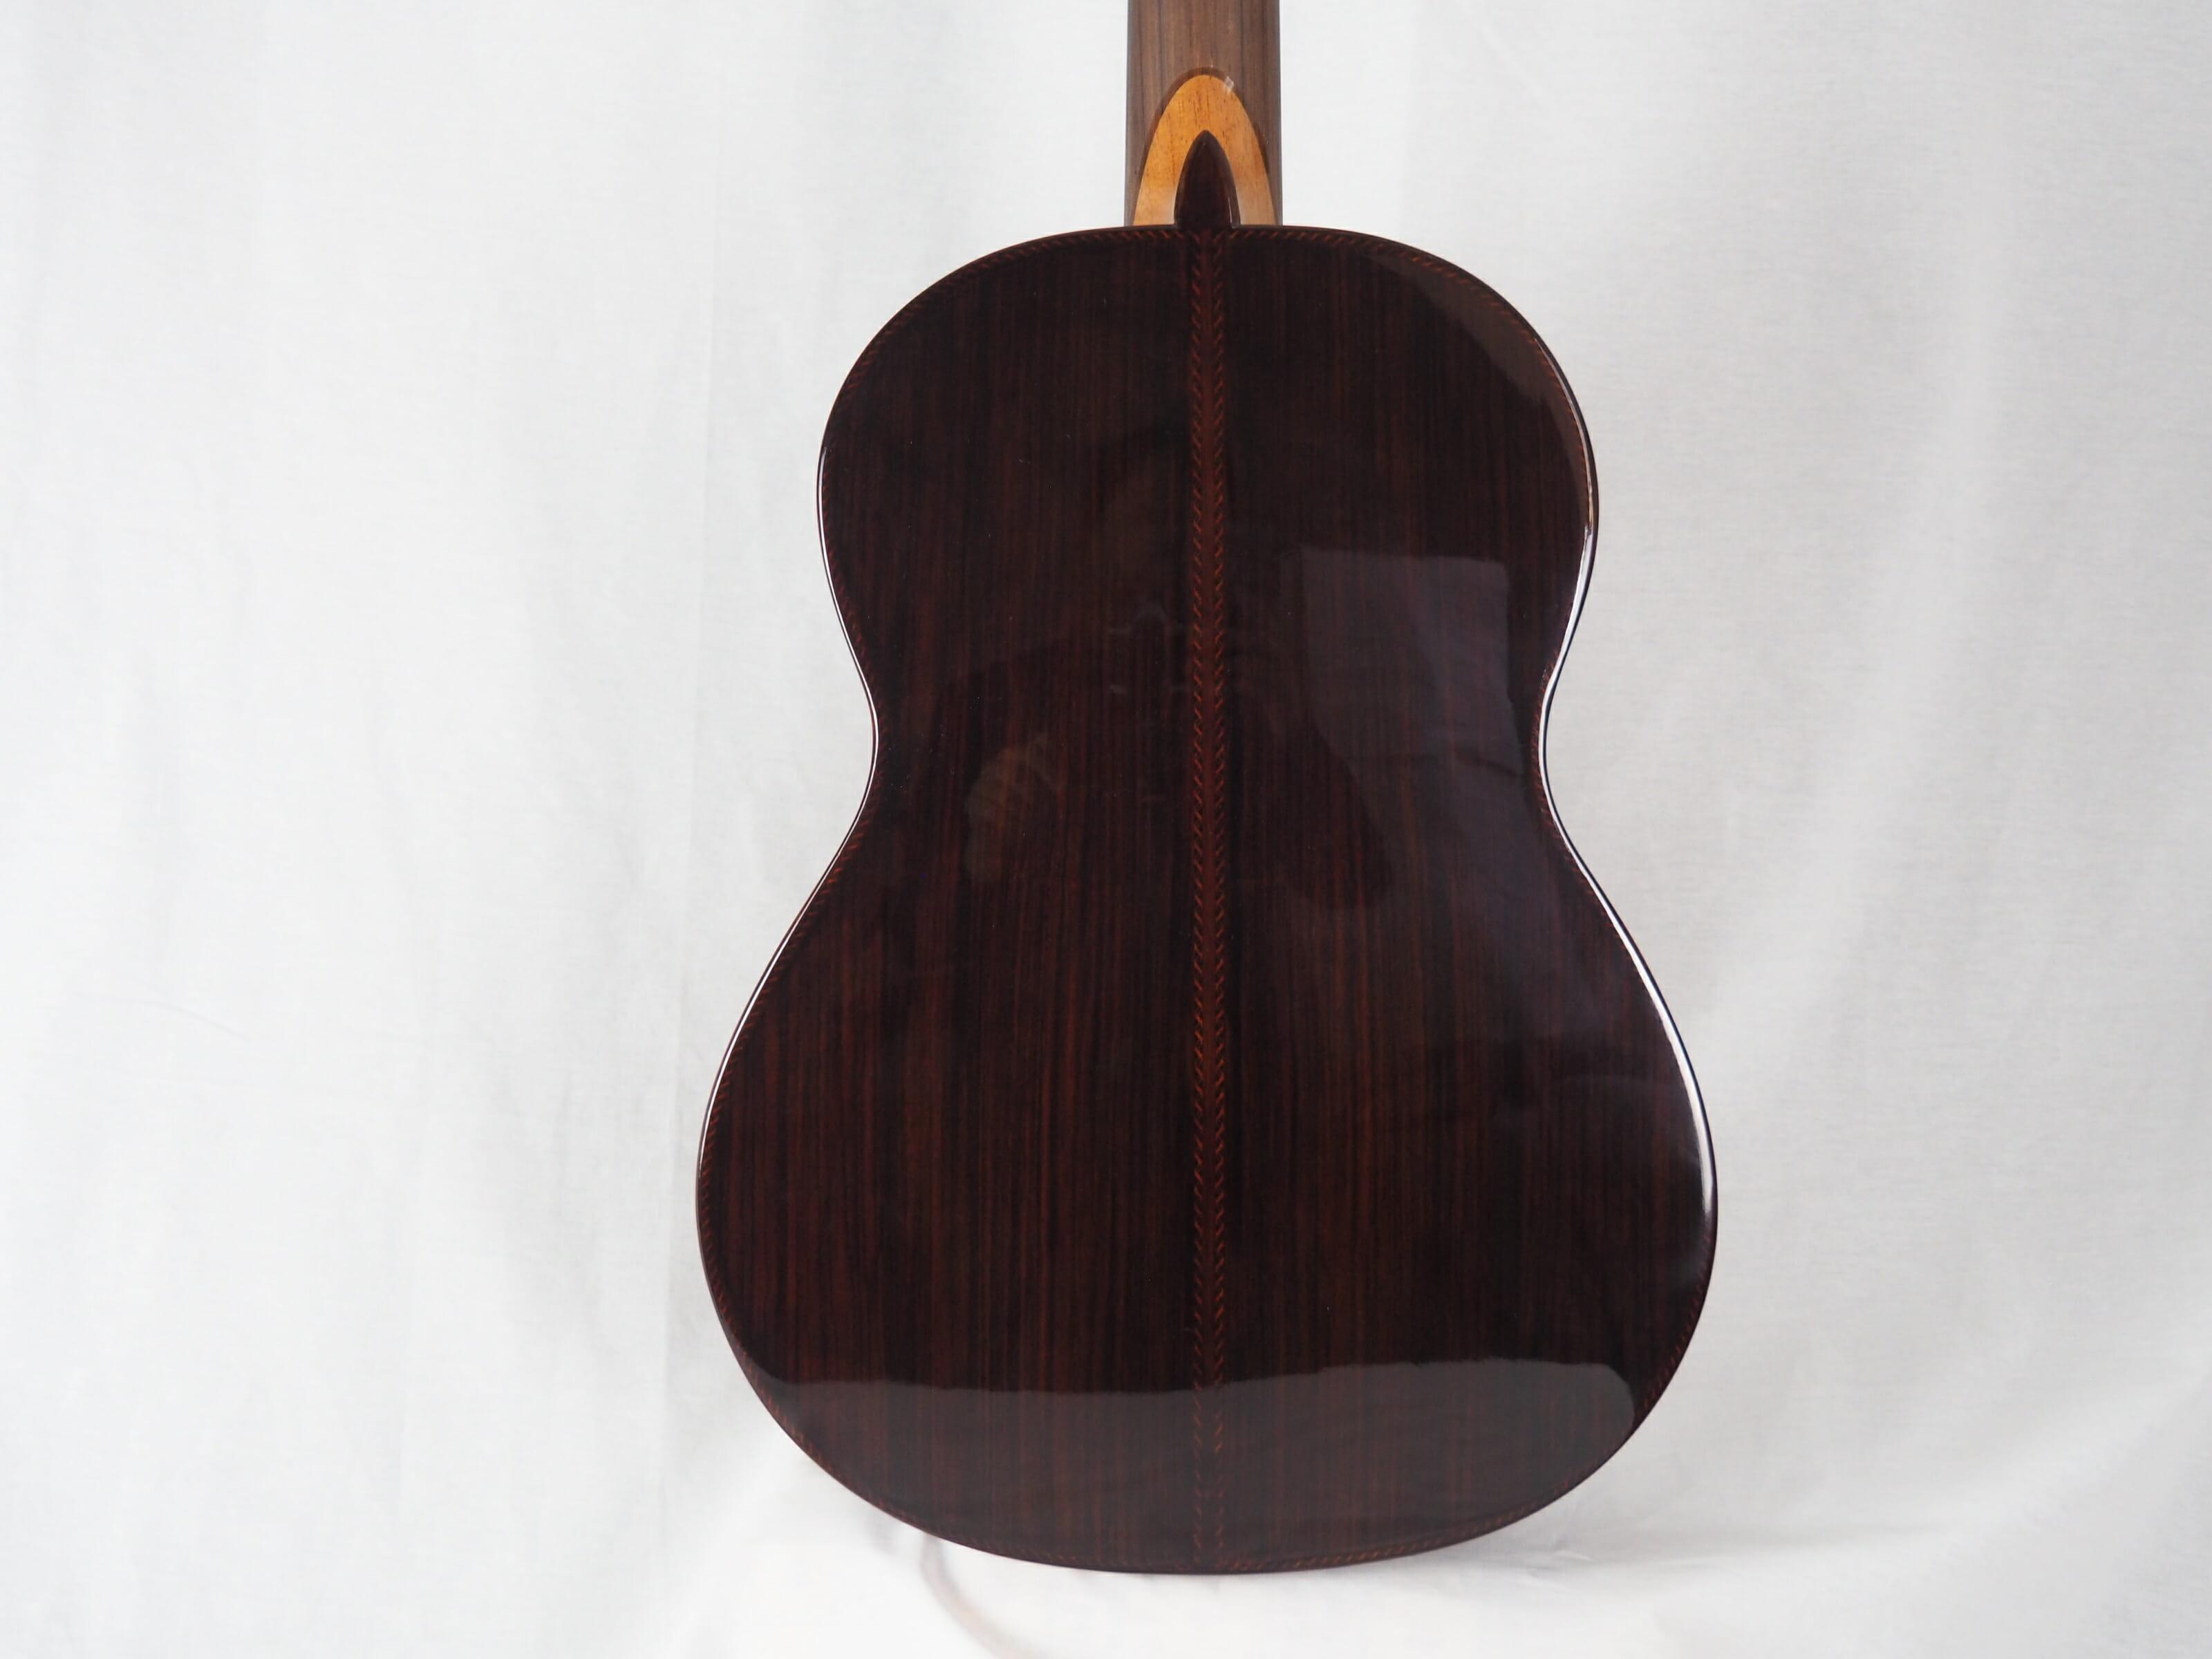 Dieter Hopf Luthier guitare classique Evolucion No 19HP180-06